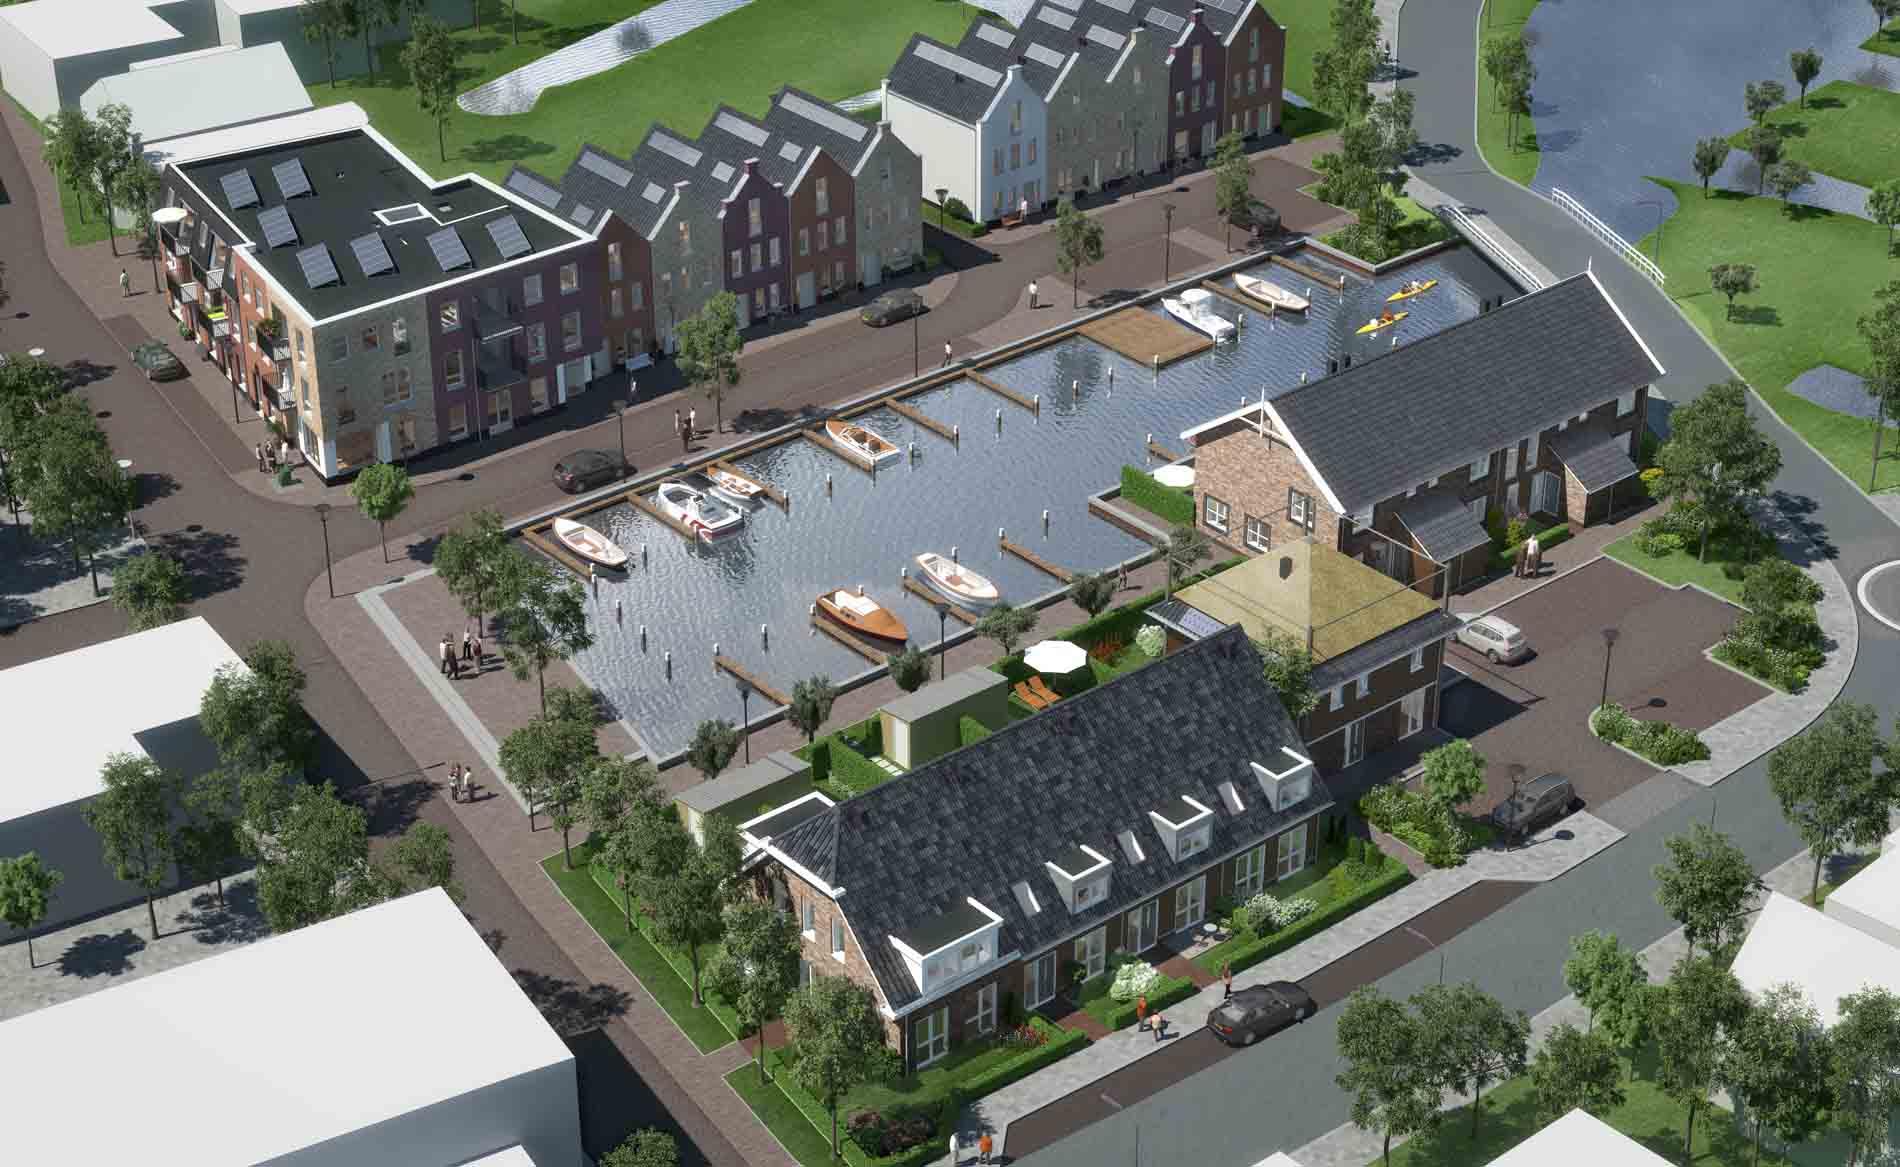 dorps bouwen landelijk wonen woningen woningbouw haven architect architectuur Dorpshart Leimuiden BBHD architecten